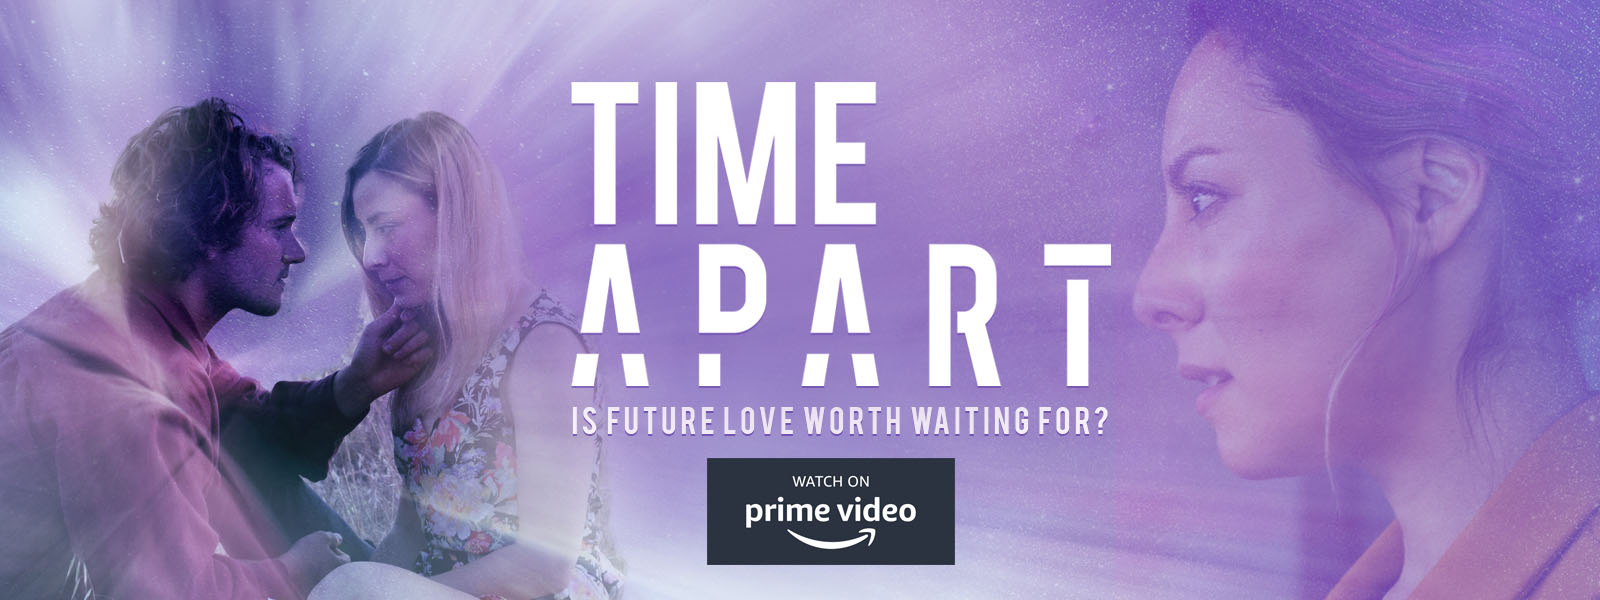 Time Apart Movie 2020